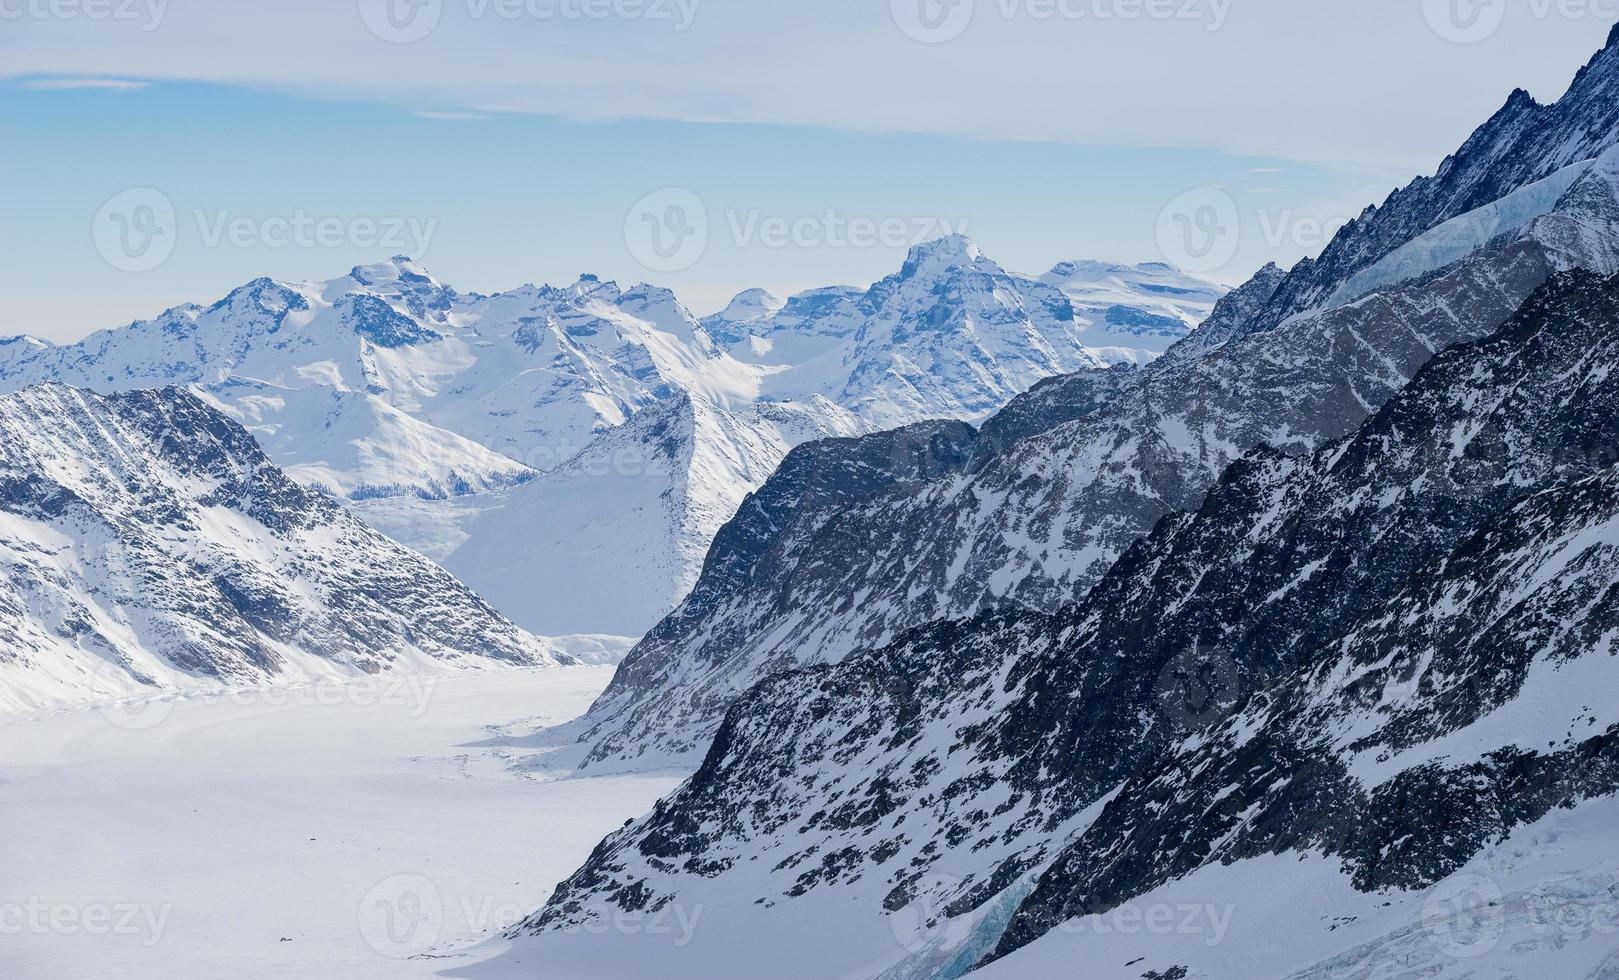 Schweizer Berg, Jungfrau, Schweiz, Skigebiet foto